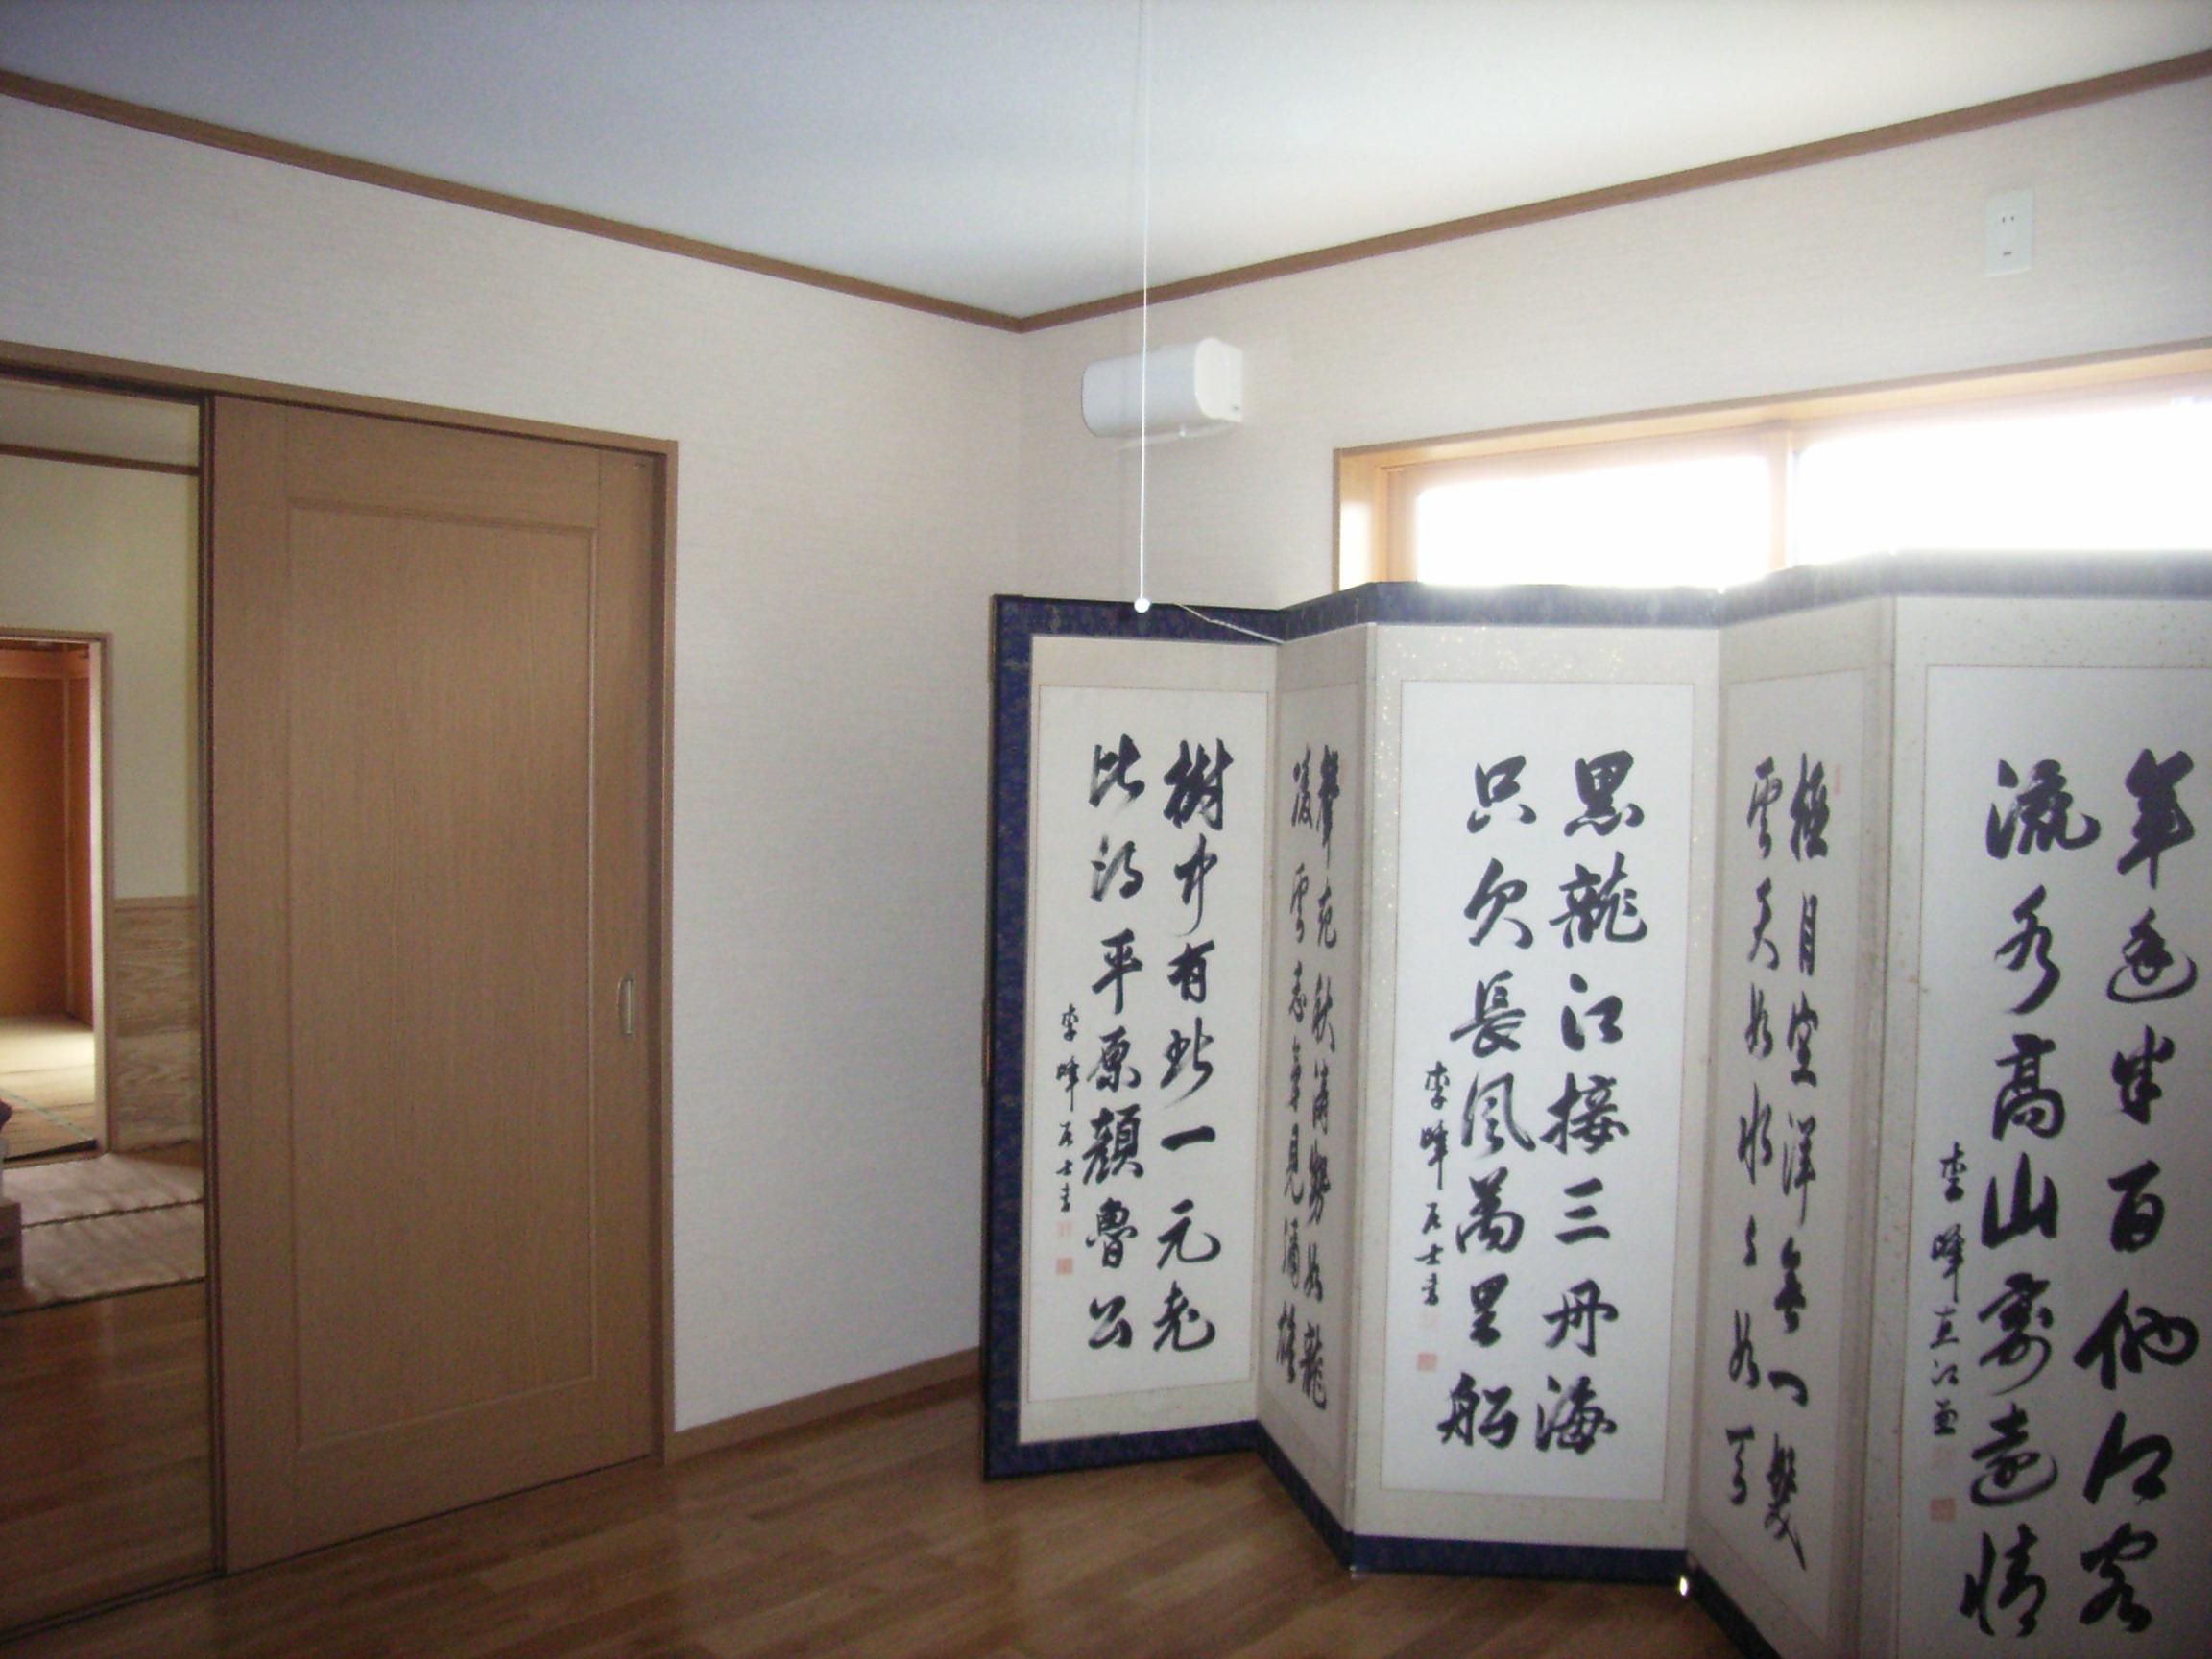 http://www.nagumo-juken.jp/images/s-house6.jpg